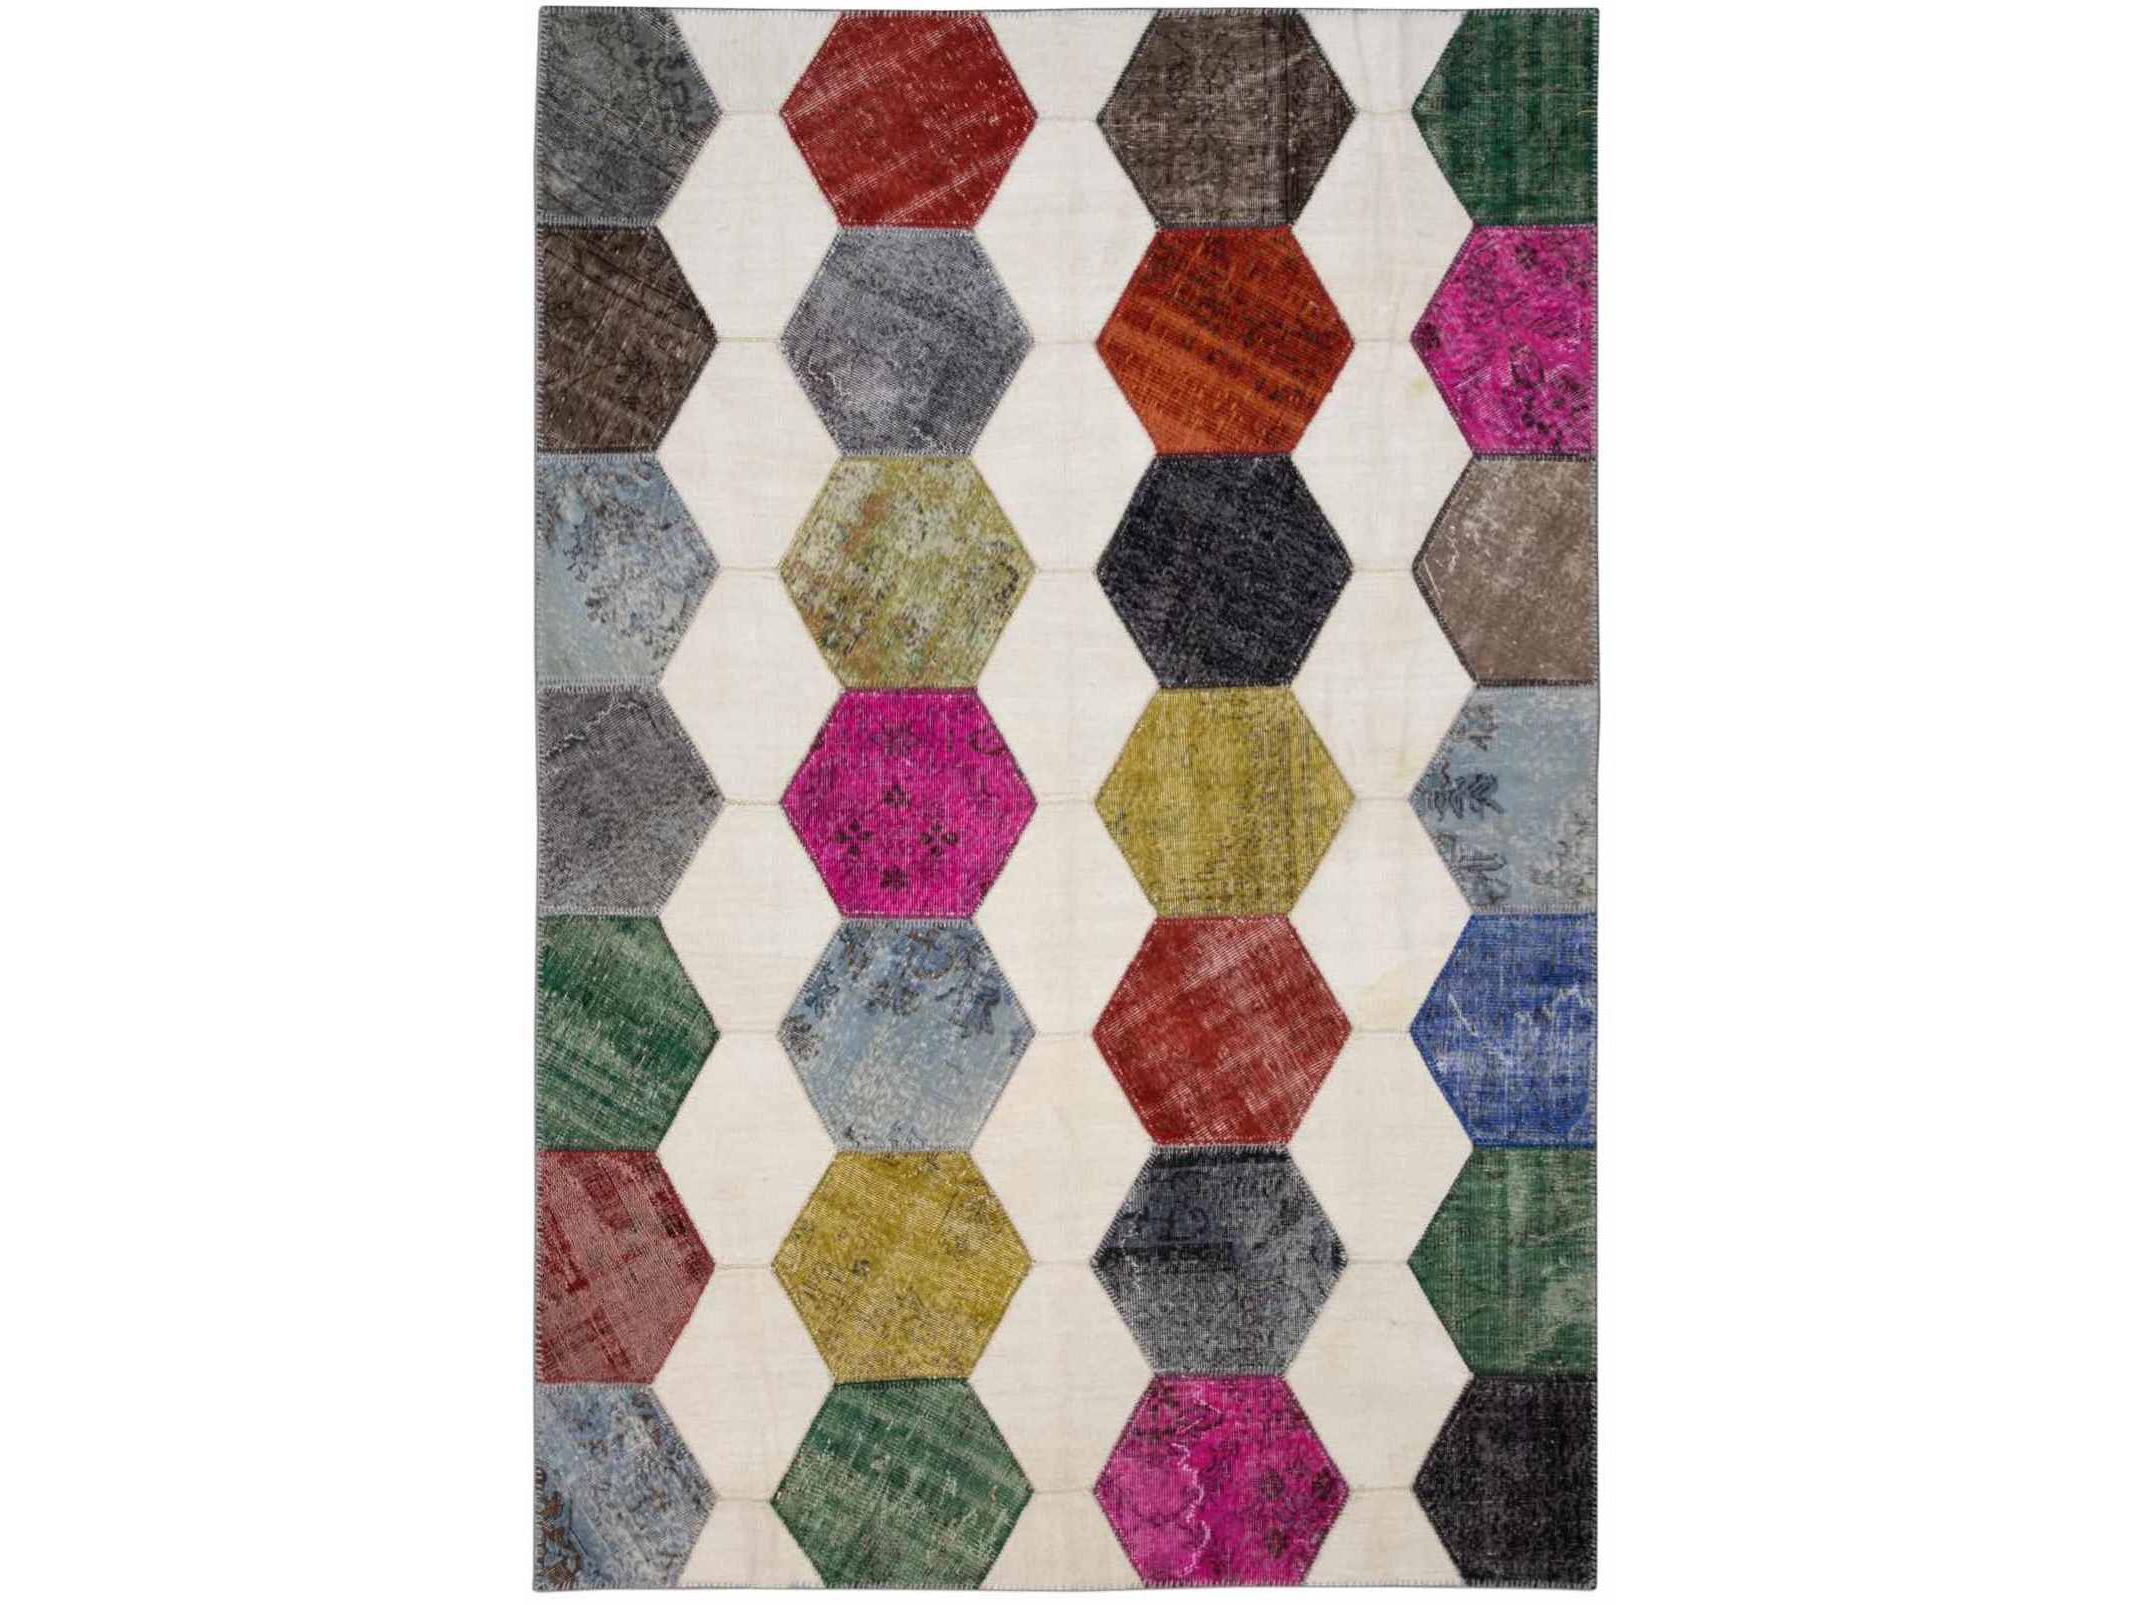 Ковер PatchworkПрямоугольные ковры<br>Винтажный ковер ручной работы в стиле &amp;quot;пэчворк&amp;quot; <br>из 100% шерсти. Ковер прекрасно подходит в <br>любые современные и классические интерьеры, <br>а благодаря тощине ковра всего 5 мм. и отсутствию <br>ворса, его легко чистить любыми видами пылесосов. <br>Этот настоящий ковер ручной работы не потеряет <br>своих красок и будет служить десятилетия. <br>В нашем ассортименте более 3000 ковров &amp;quot;пэчворк&amp;quot; <br>различных размеров и расцветок! Если не <br>нашли, тот ковер, который искали, обращайтесь <br>к нашим менеджерам, мы предоставим полный <br>каталог!<br><br>Material: Шерсть<br>Ширина см: 195.0<br>Глубина см: 288.0